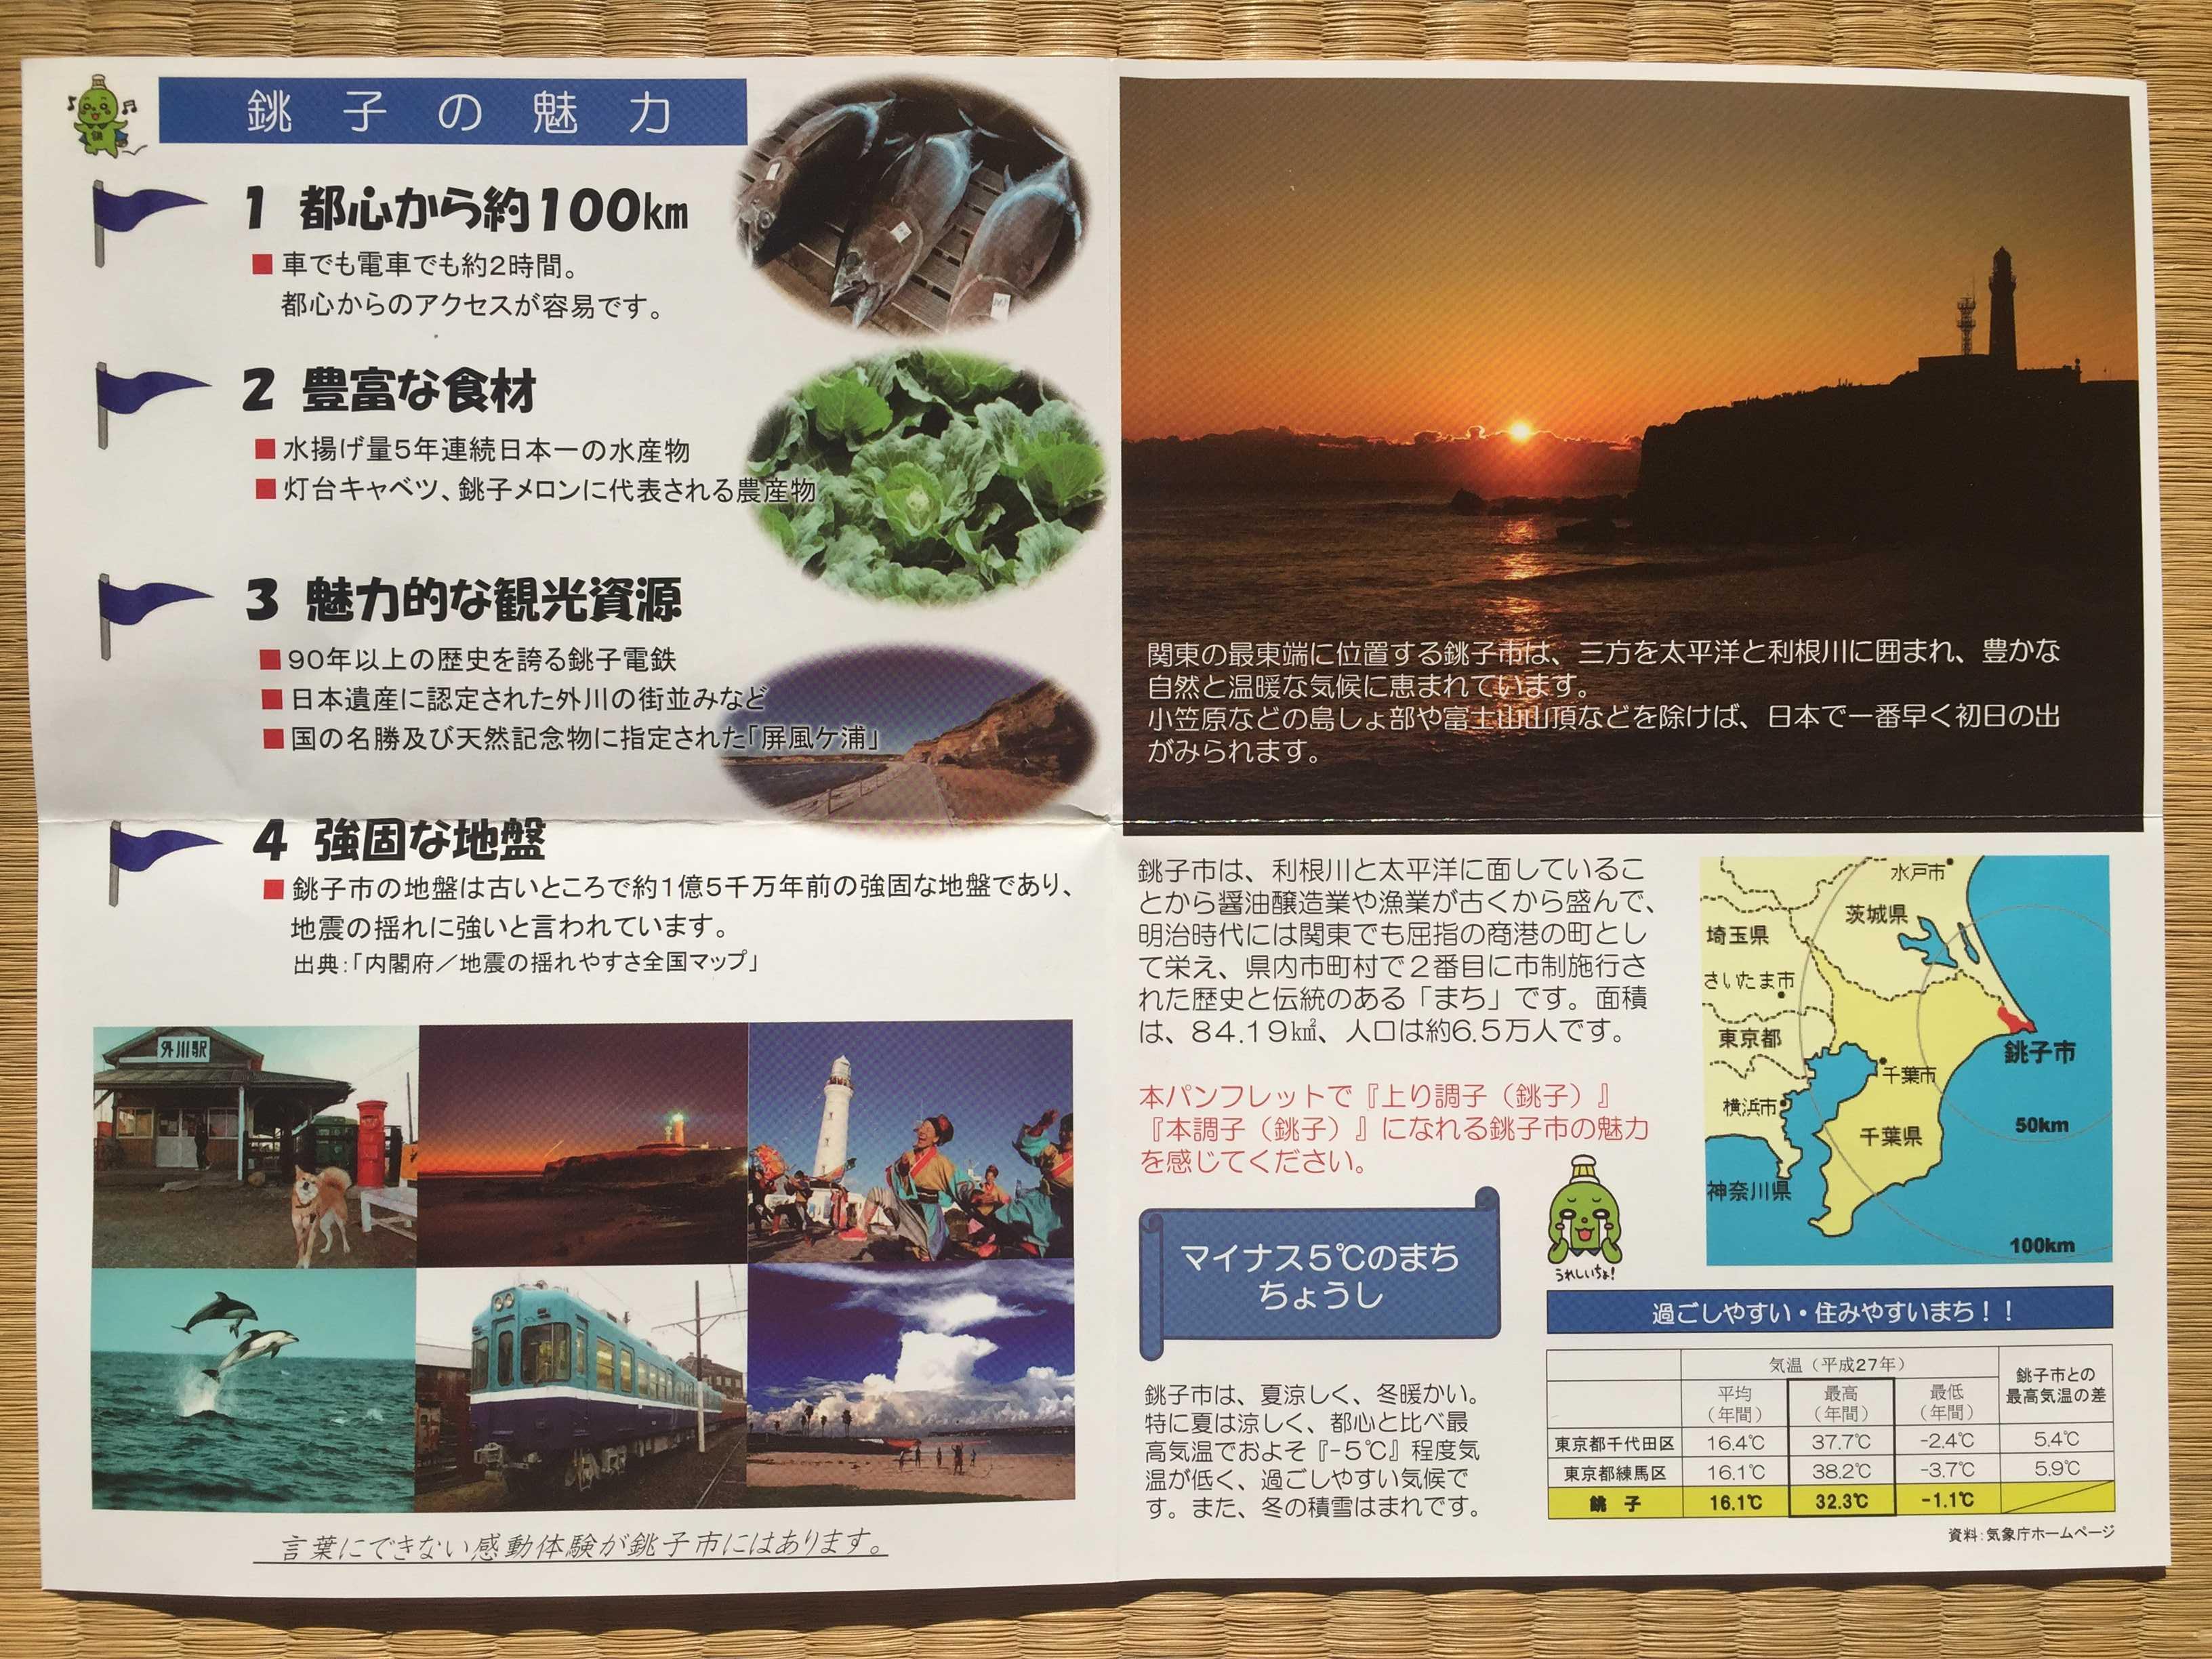 銚子の魅力 - 千葉県銚子市 移住定住推進パンフレット